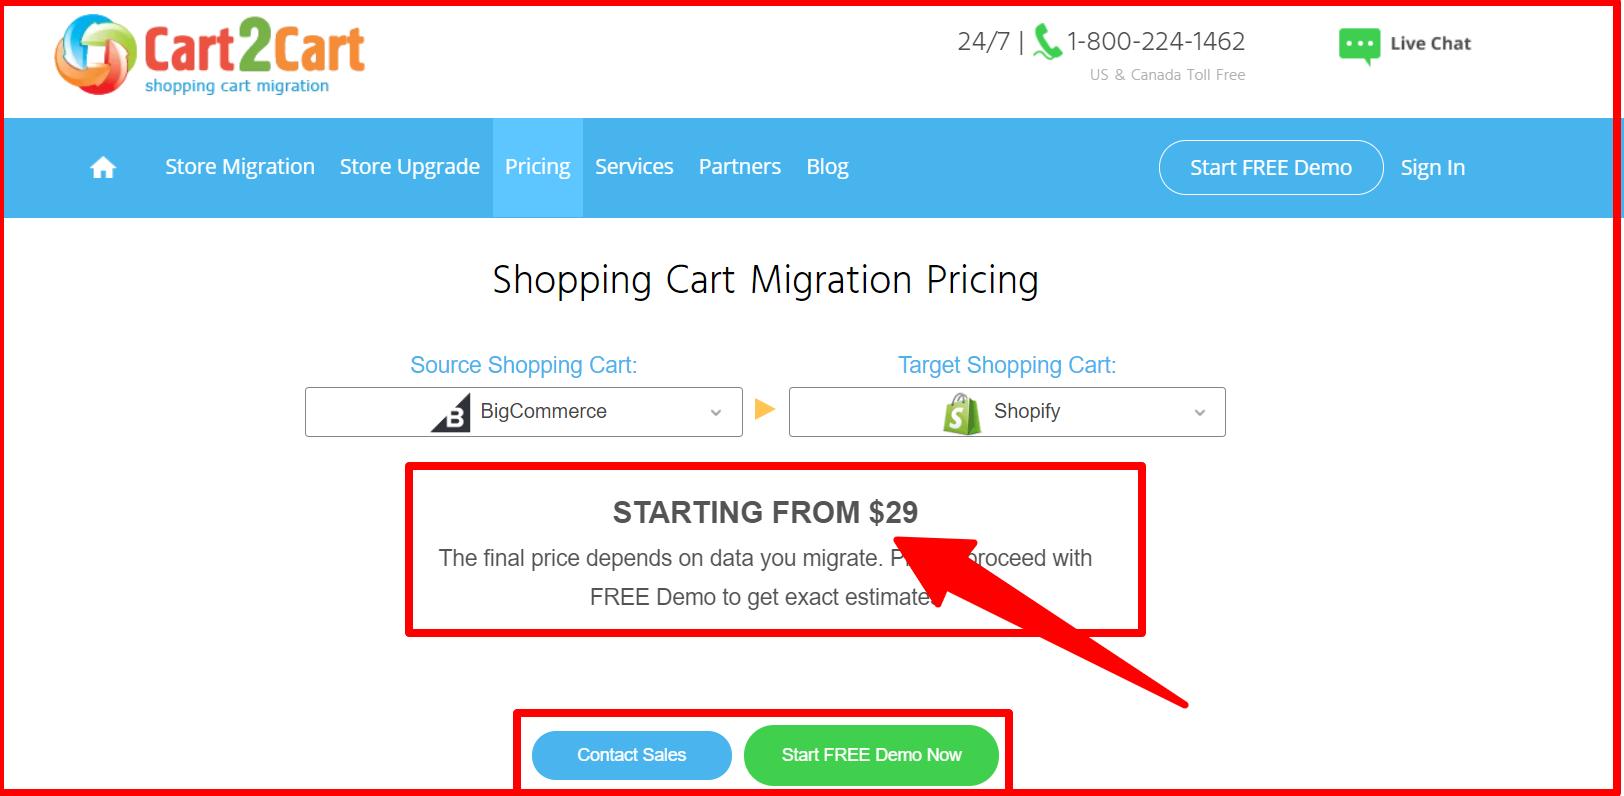 Cart2Cart -Pricing